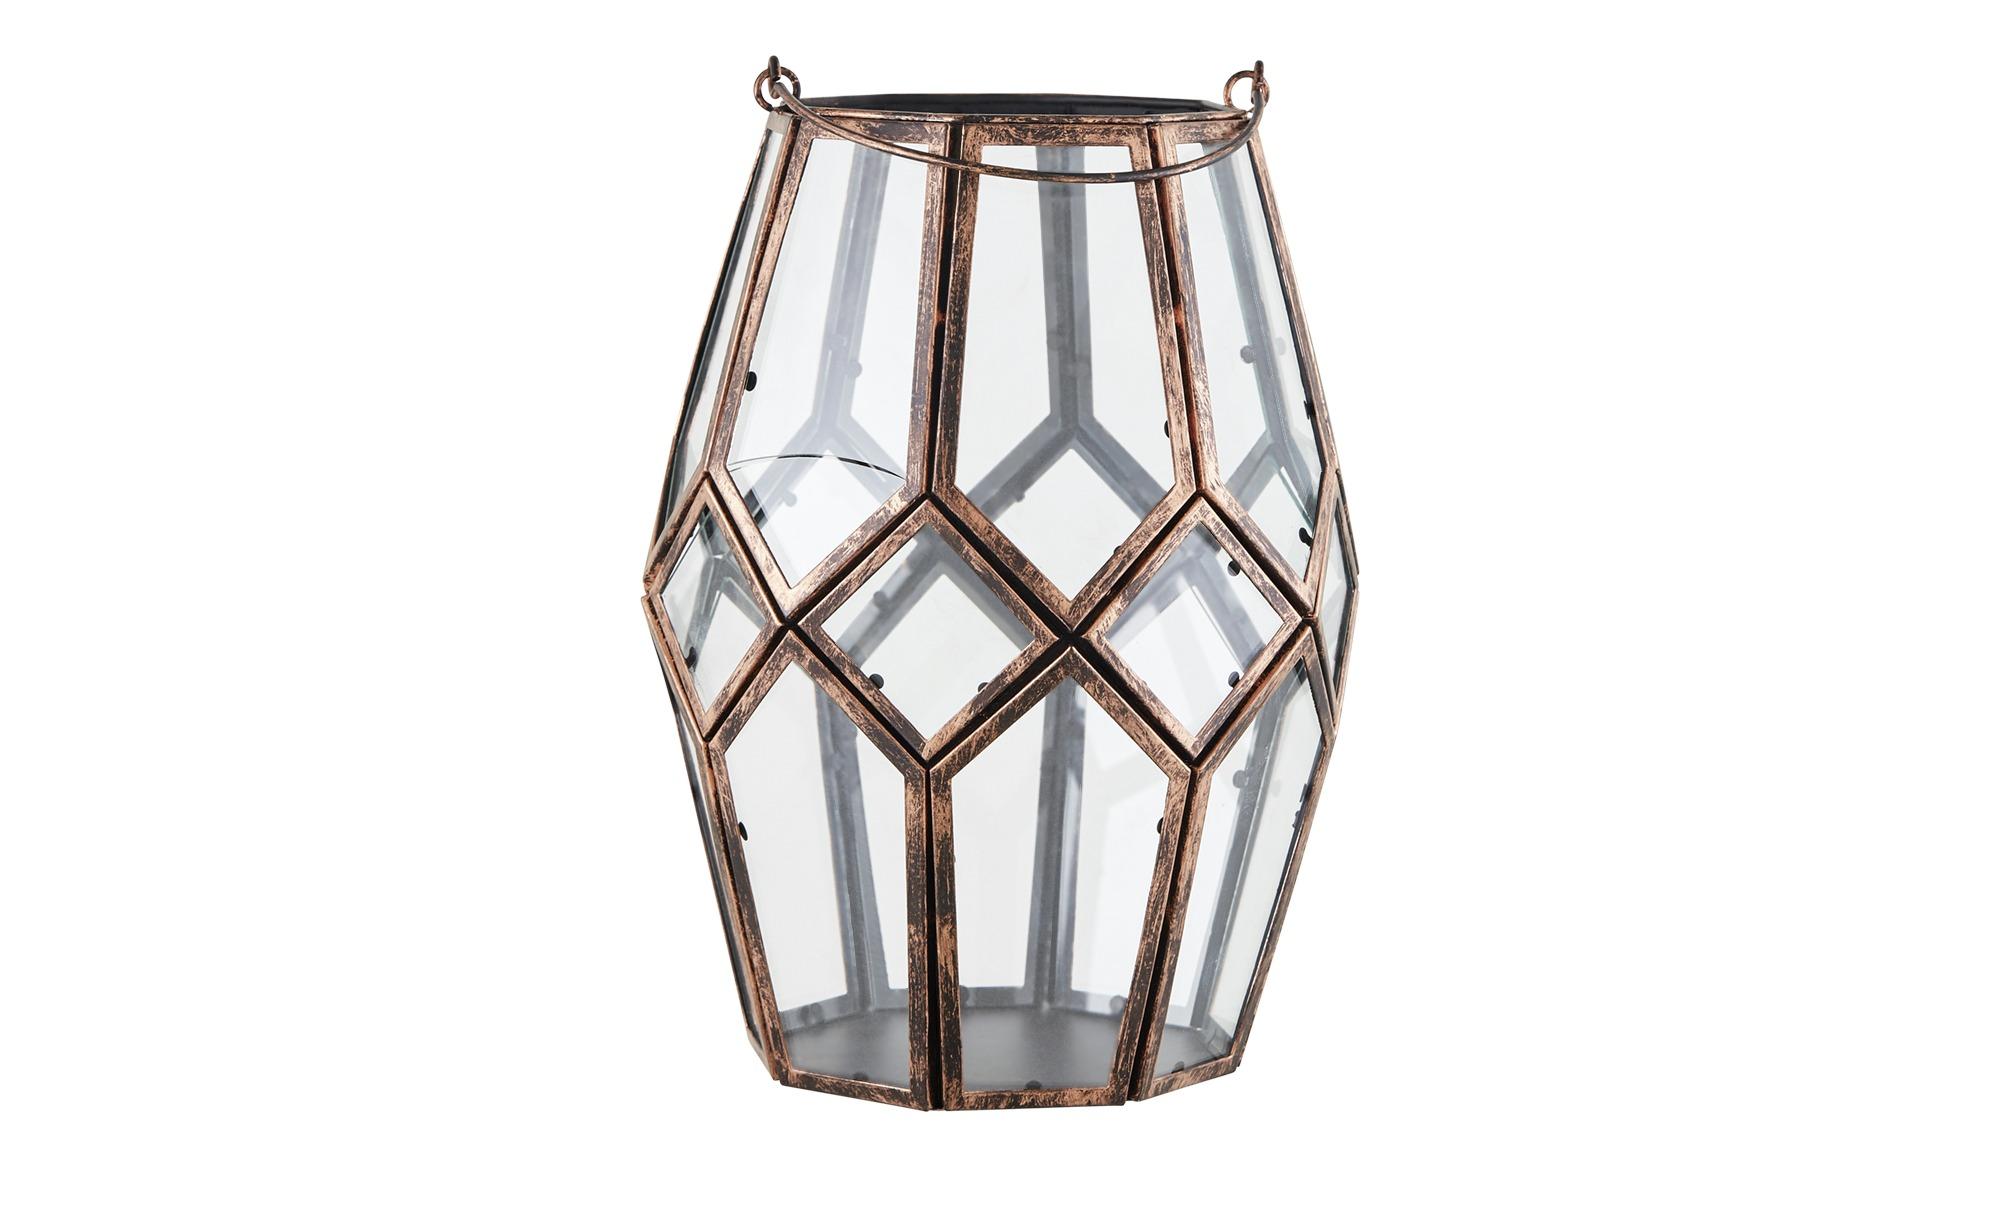 Windlicht ¦ kupfer ¦ Metall, Glas  ¦ Maße (cm): H: 25 Ø: [18.5] Dekoration > Laternen & Windlichter - Höffner